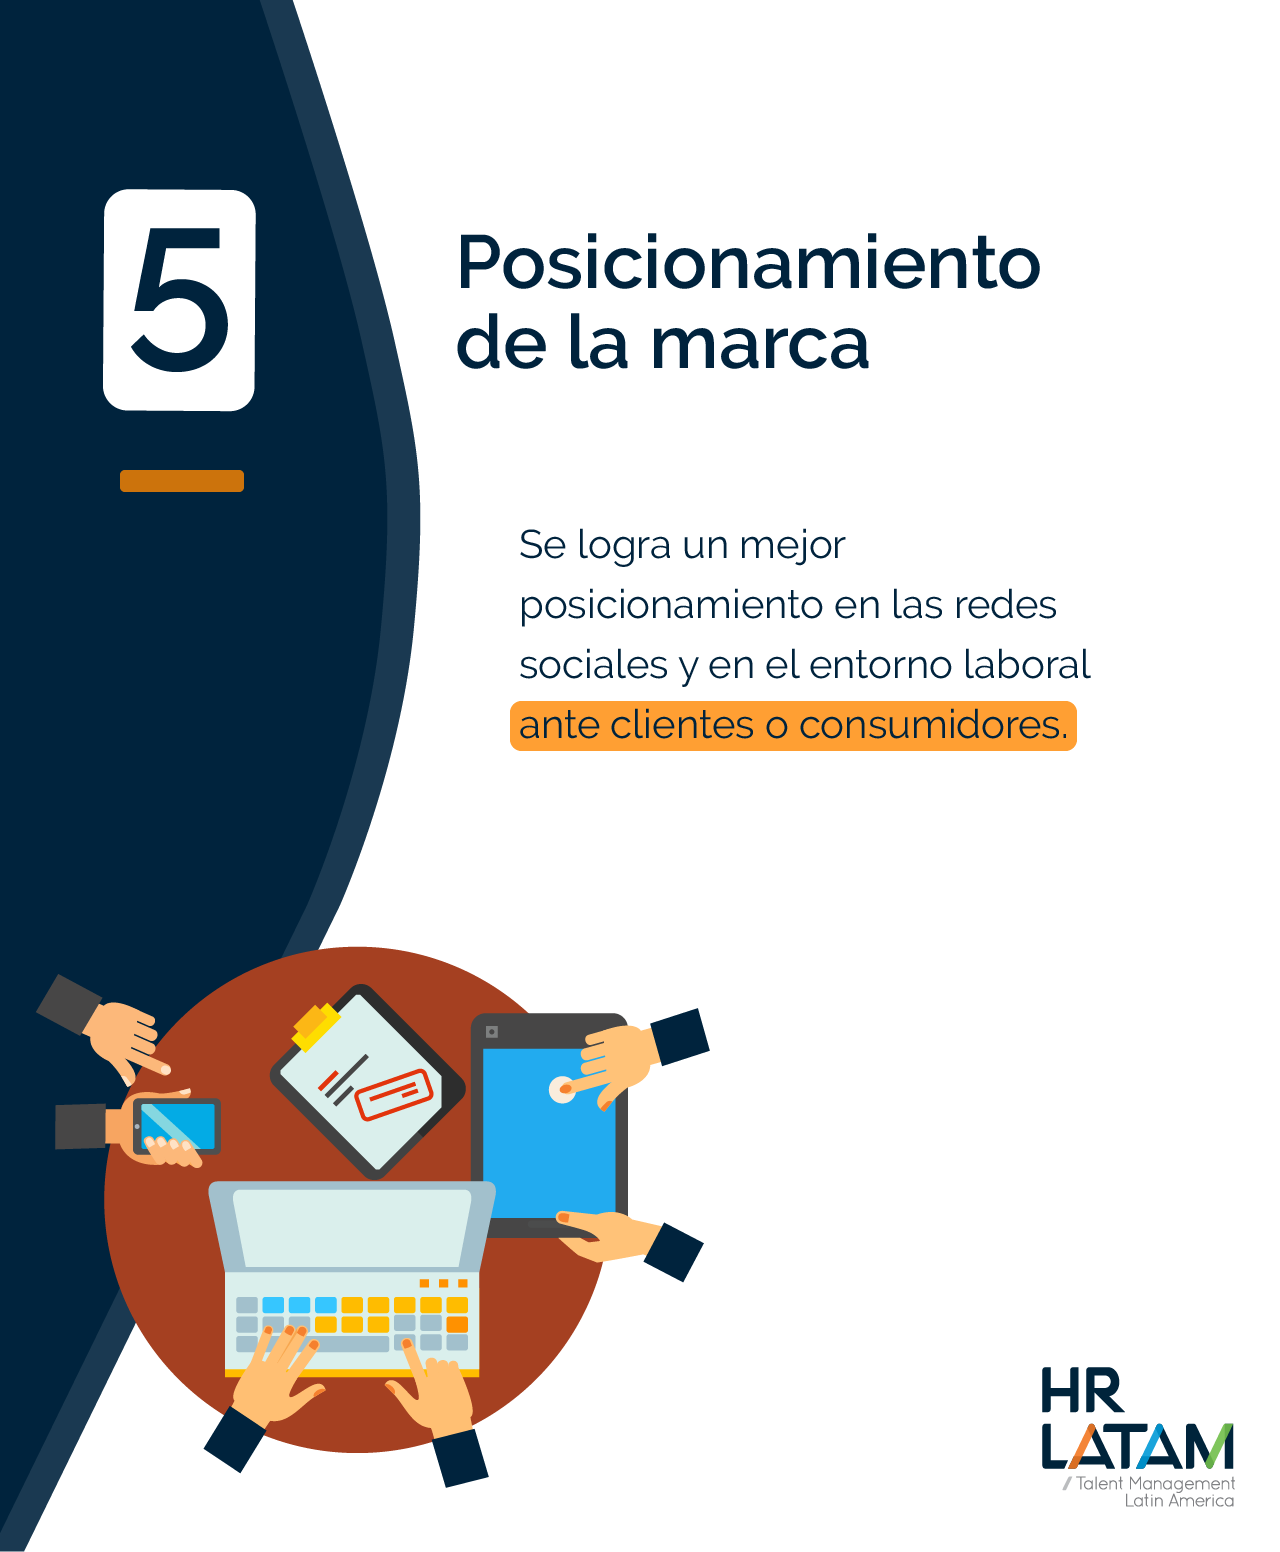 Posicionamiento de la marca (deseabilidad de empleo)